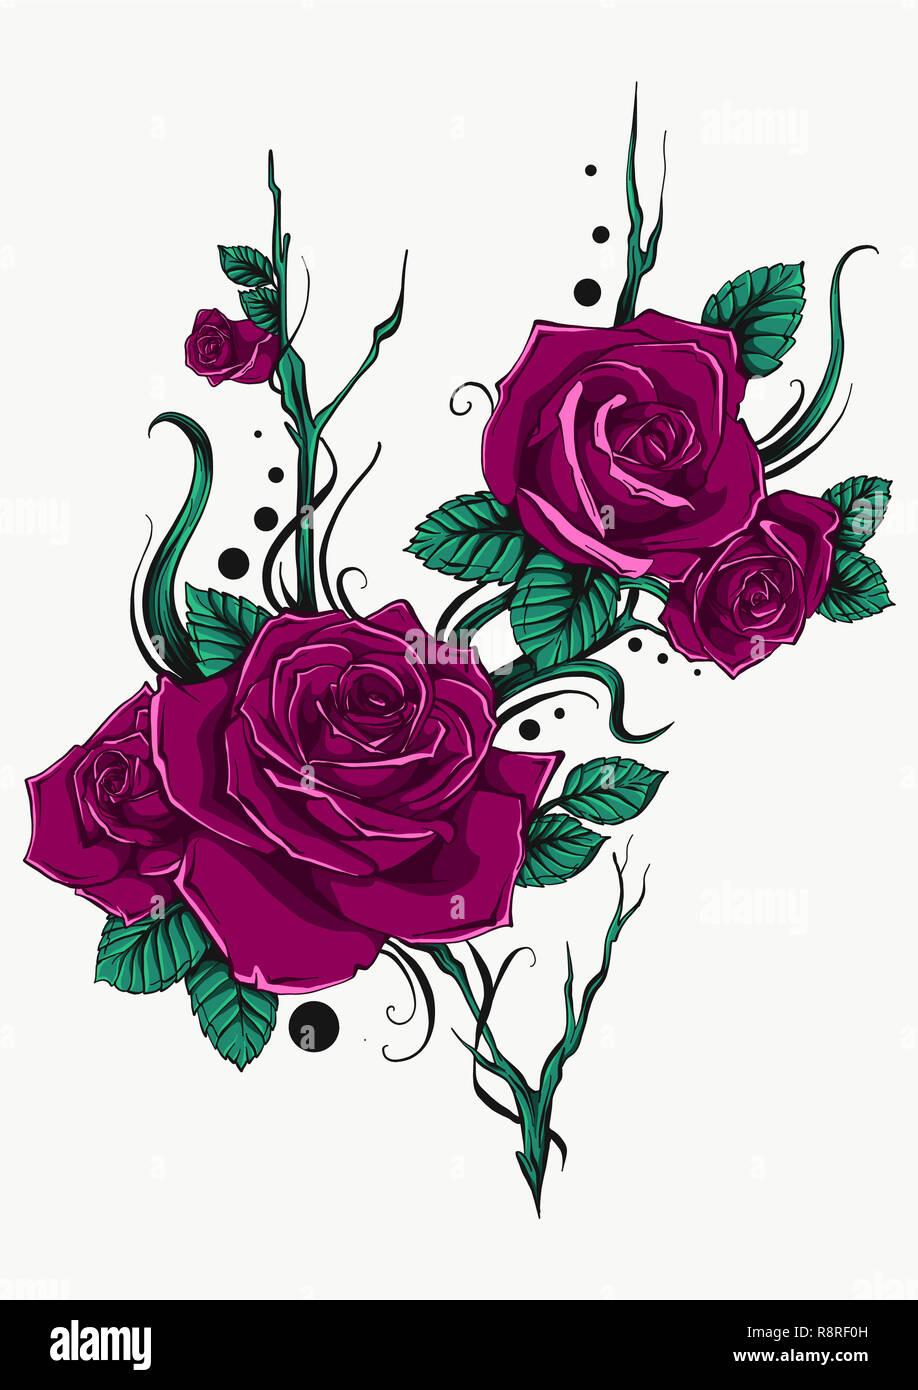 Schönen blumenstrauß mit rote rosen und blätter blumenschmuck design grußkarte und einladung der hochzeit